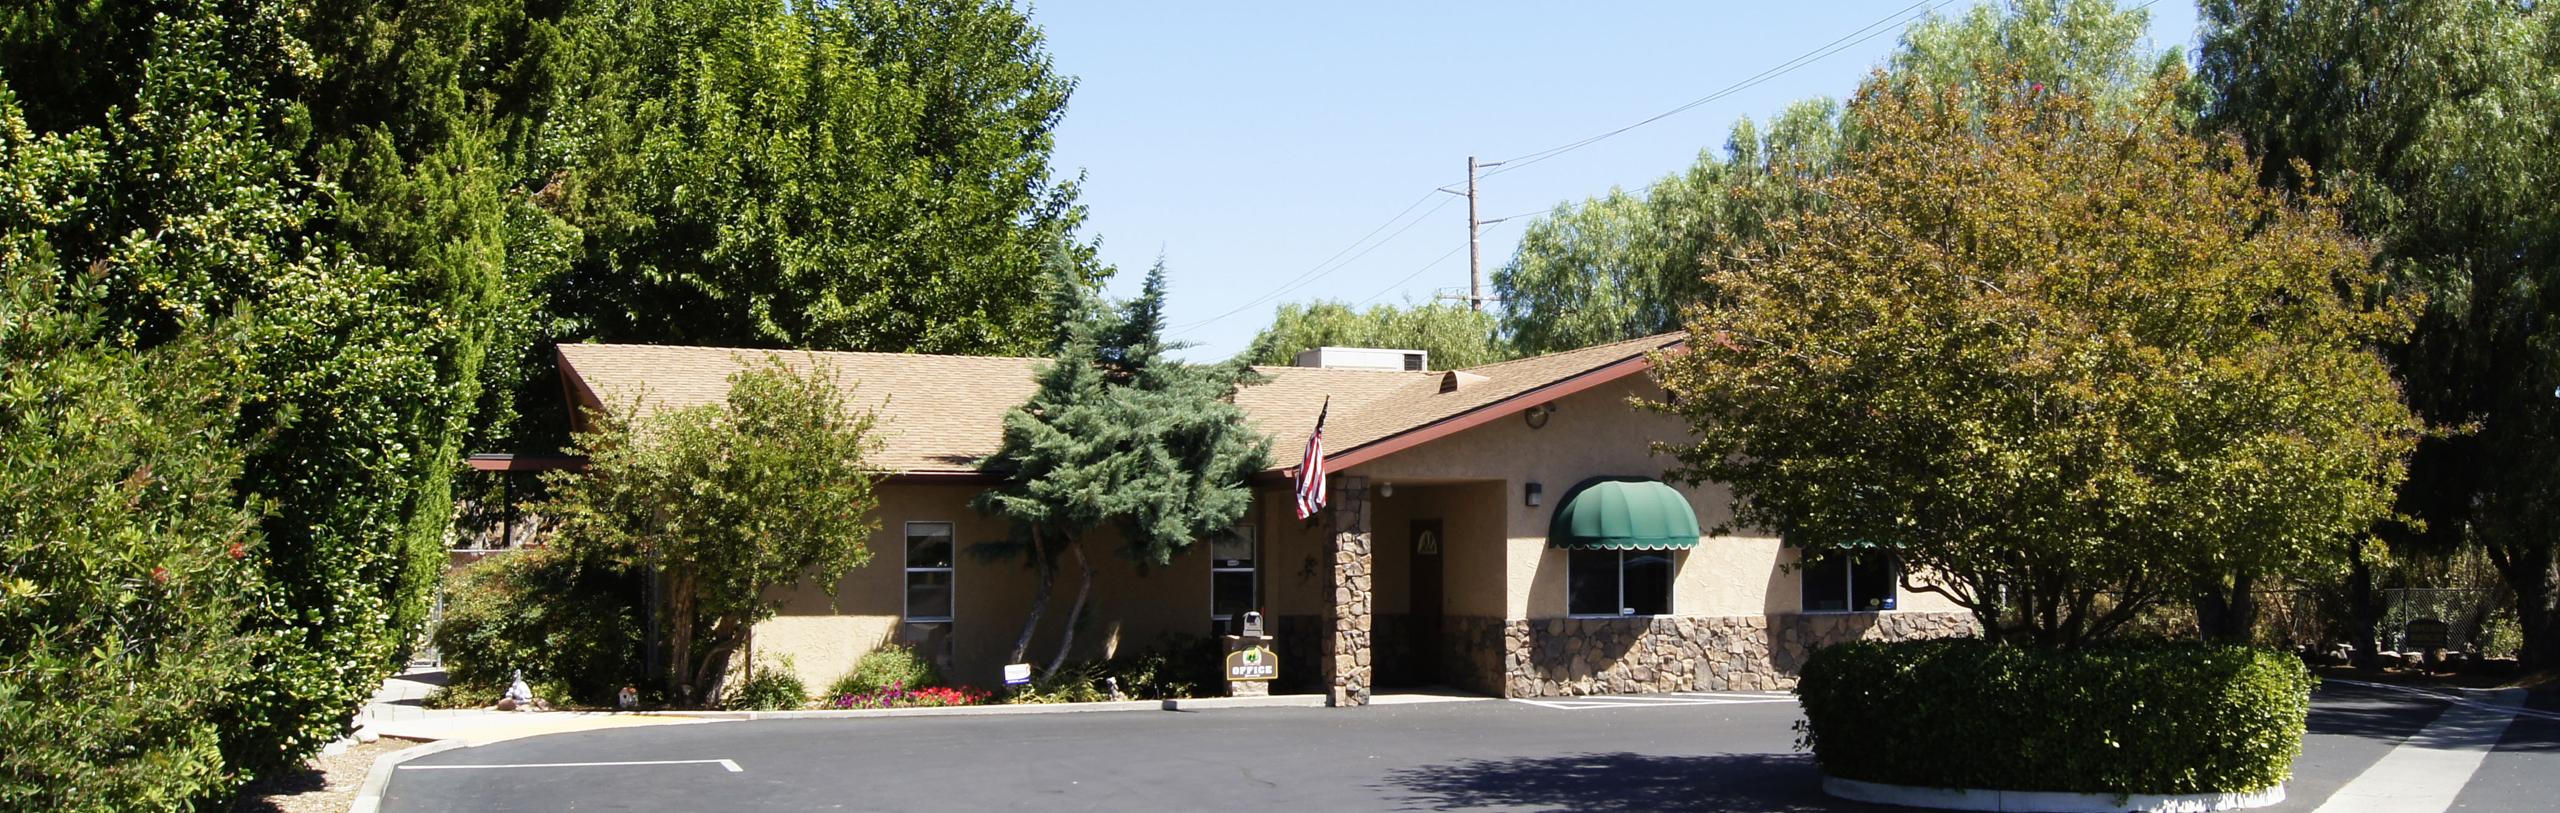 Office at Anne Sullivan Preschool and Kindergarten Wildomar